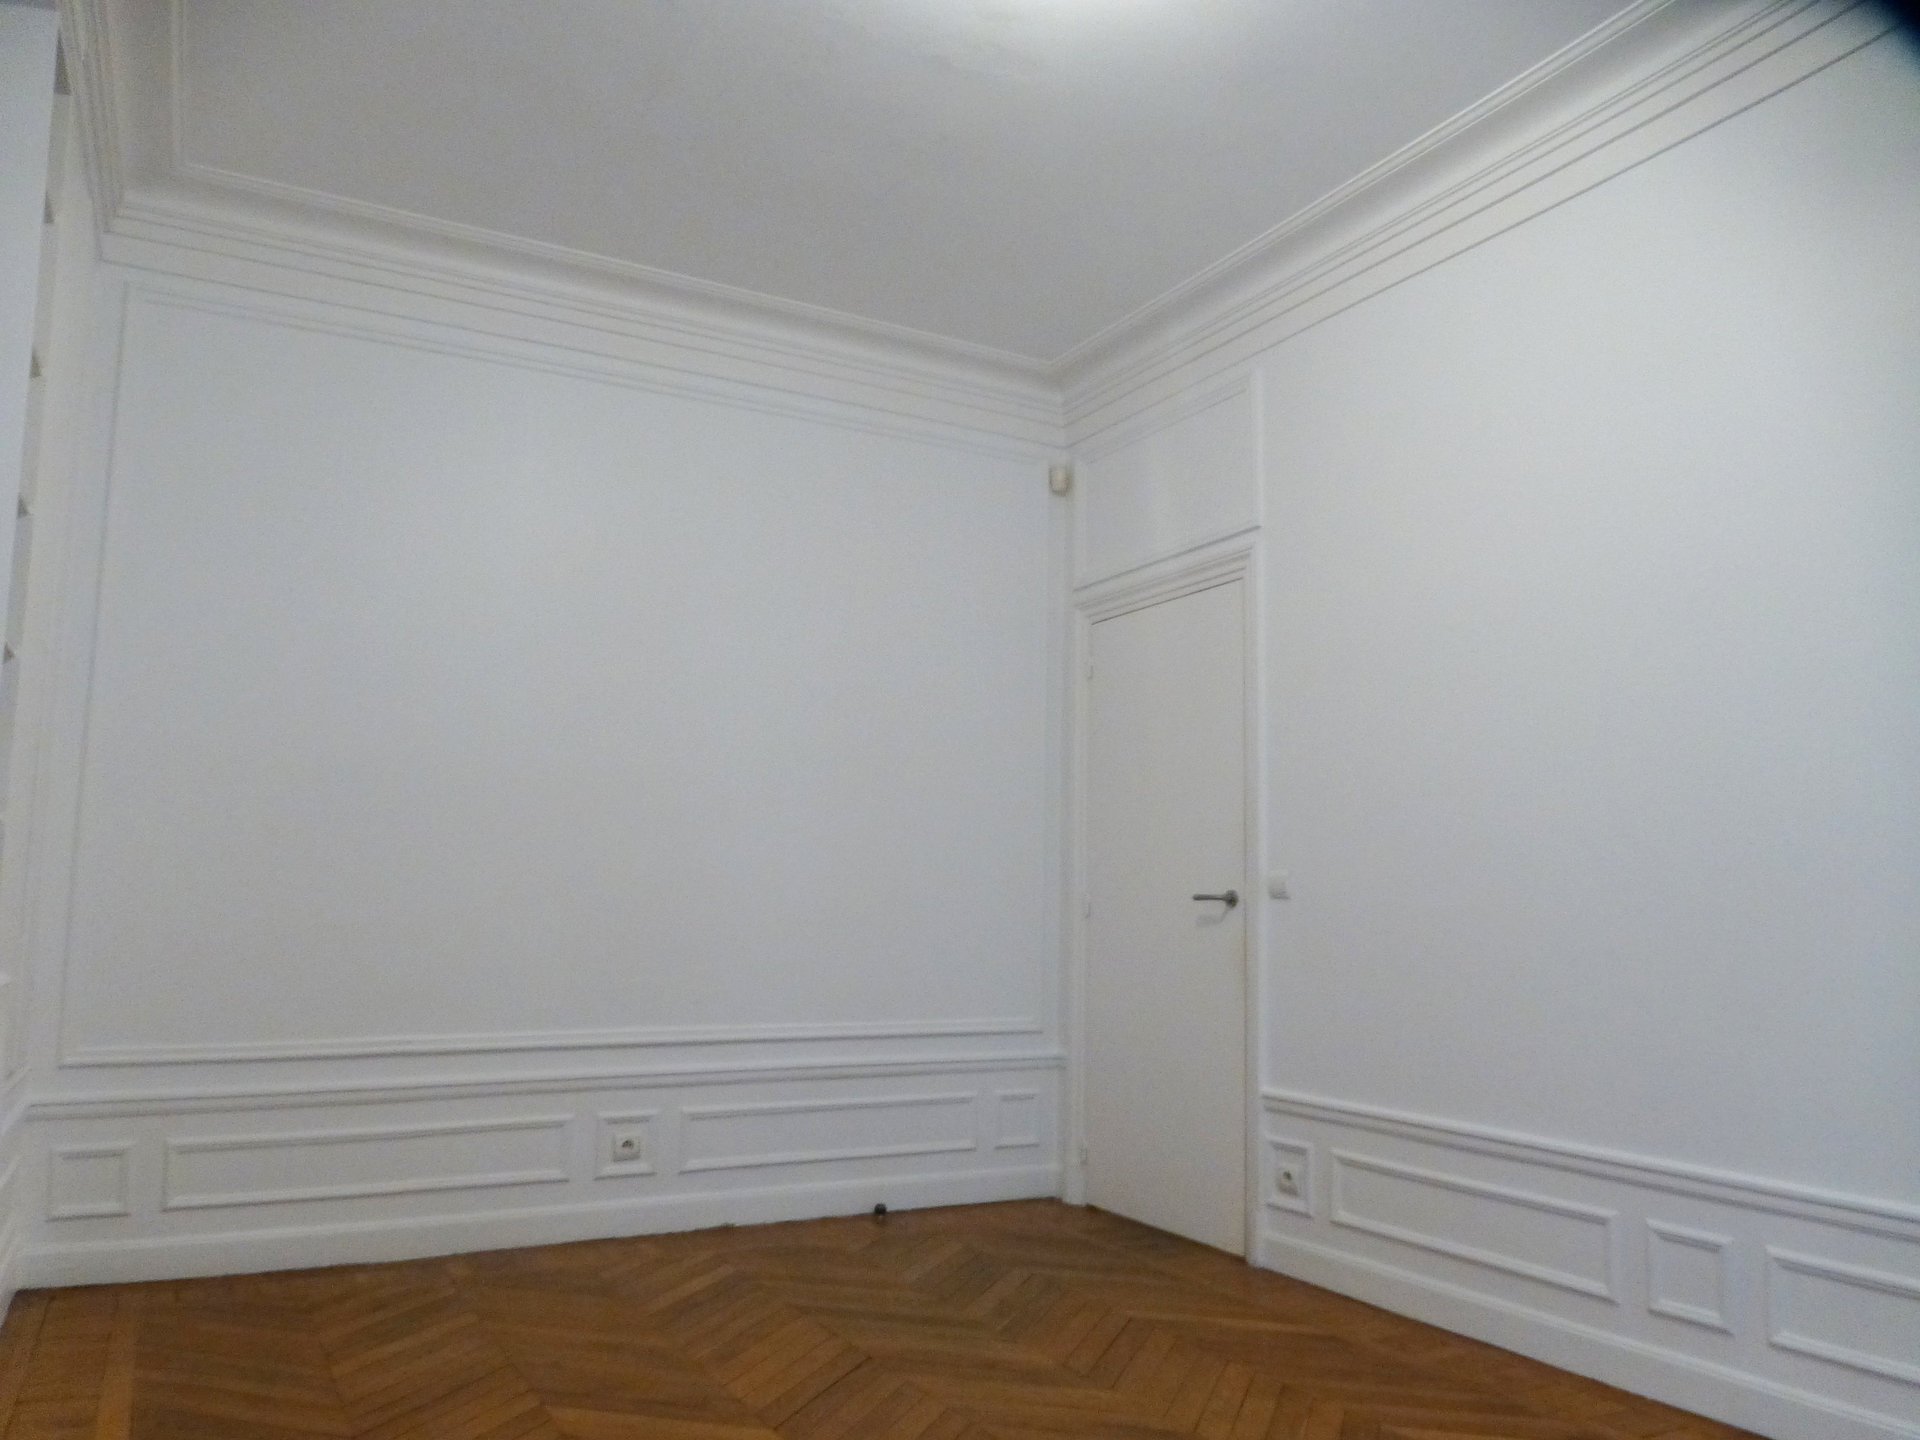 Appartement 3 pièces 64.2 m² 75016 Paris